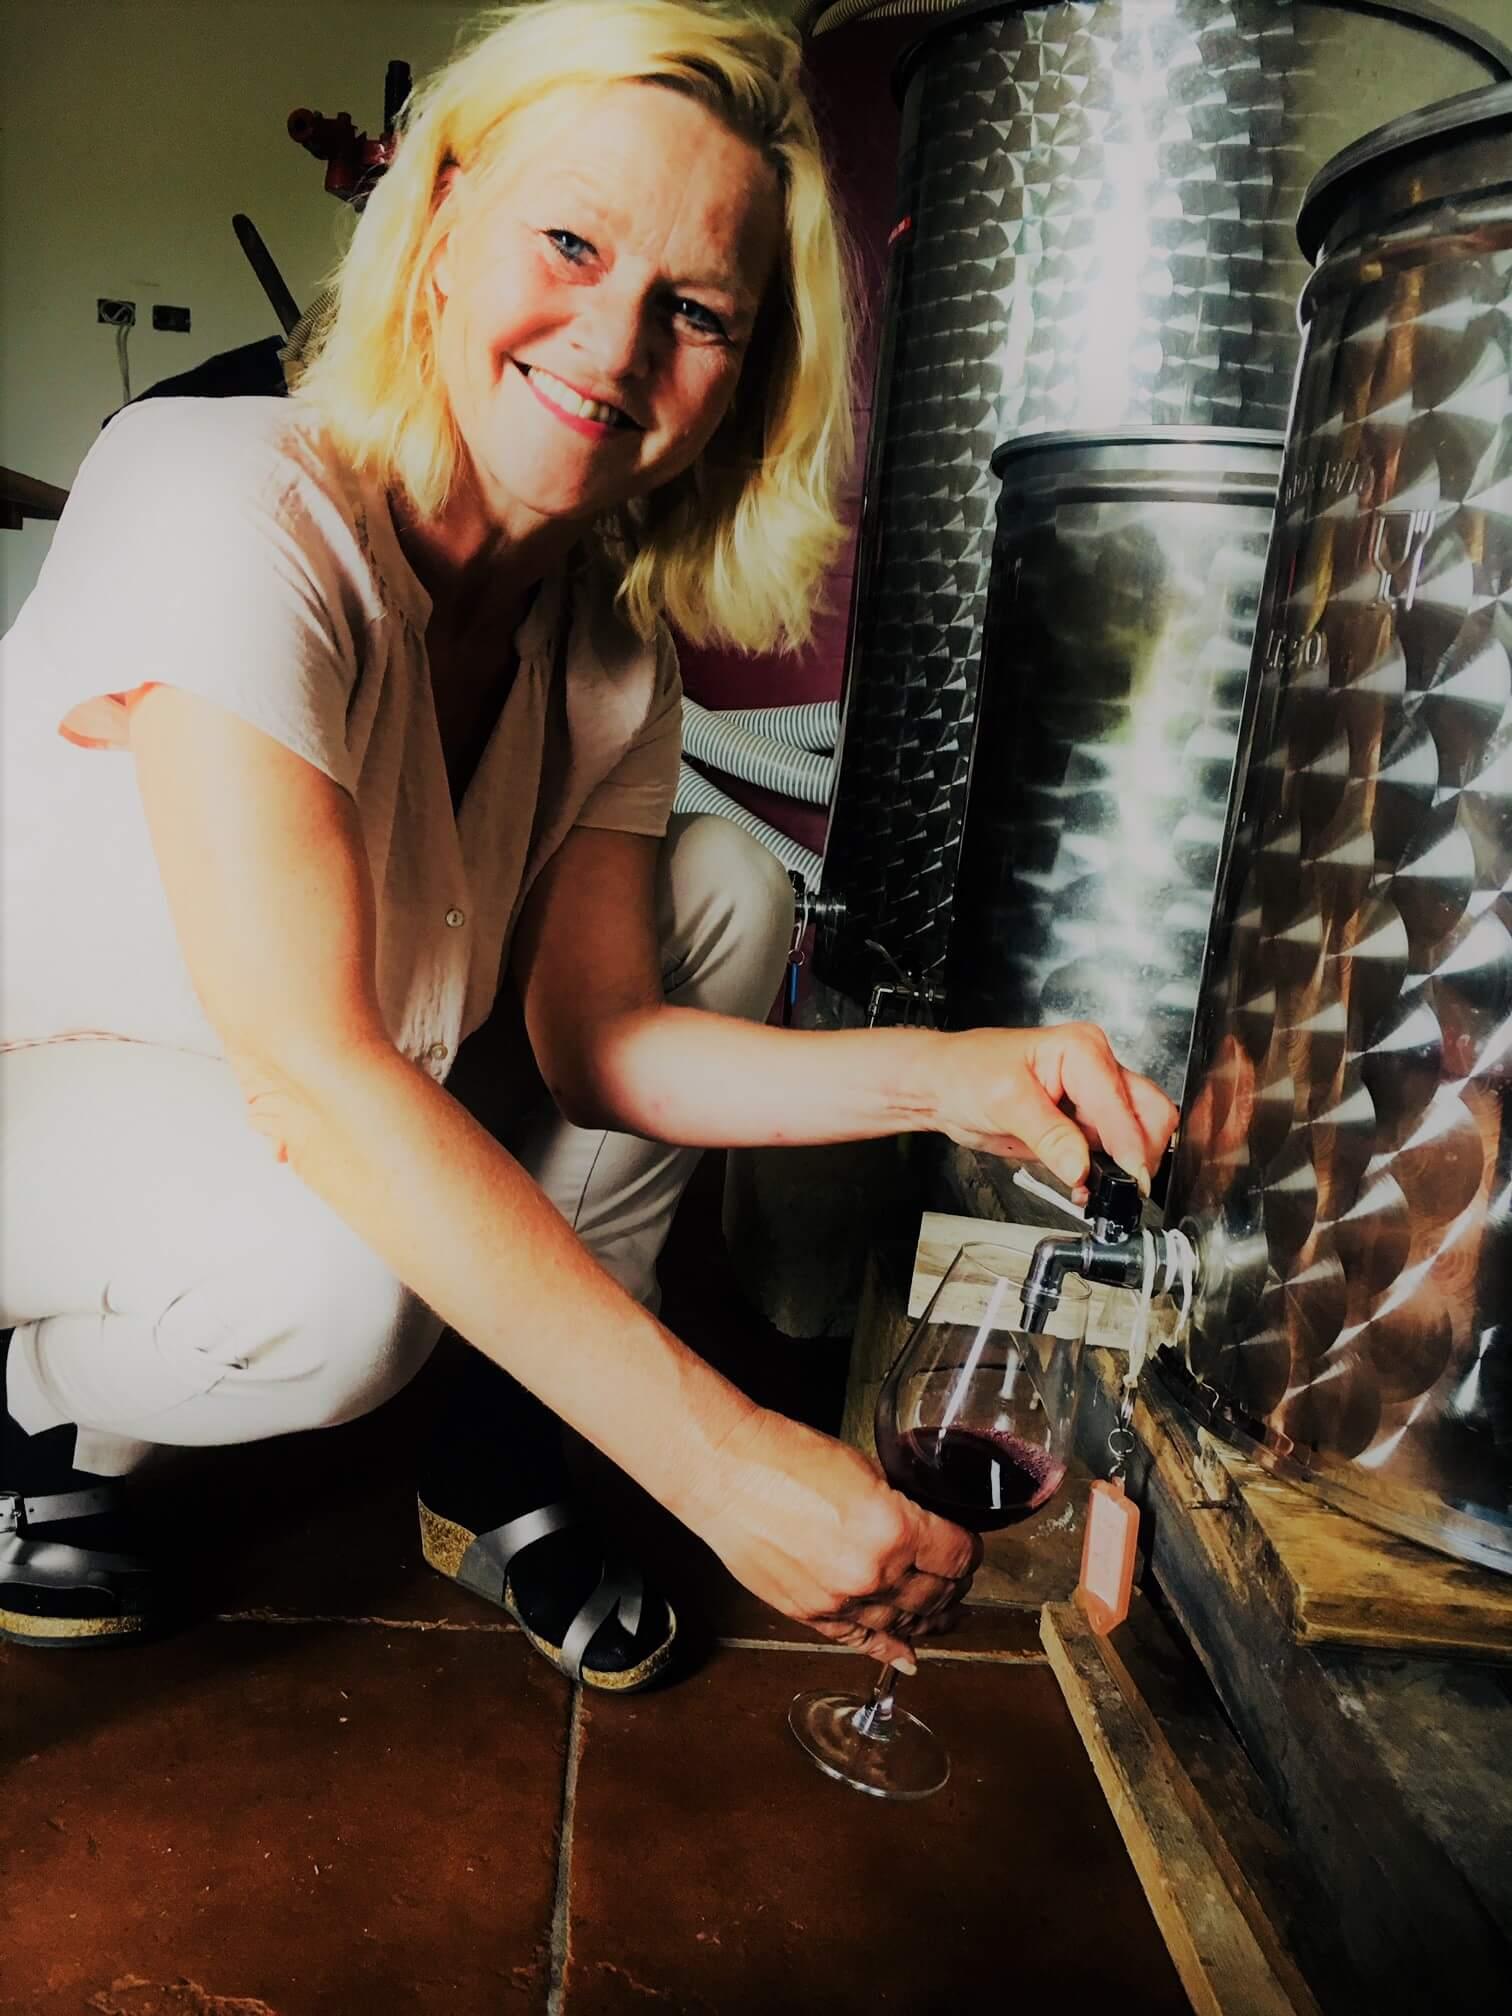 Hvor lang tid tar det fra druene høstes til den blir til drikkbar vin? 2017-årgangen fra vingården i Italia ga svært lite vin. 8 måneder etter innhøsting det klart for smaking. Det er noen få, men edle dråper.